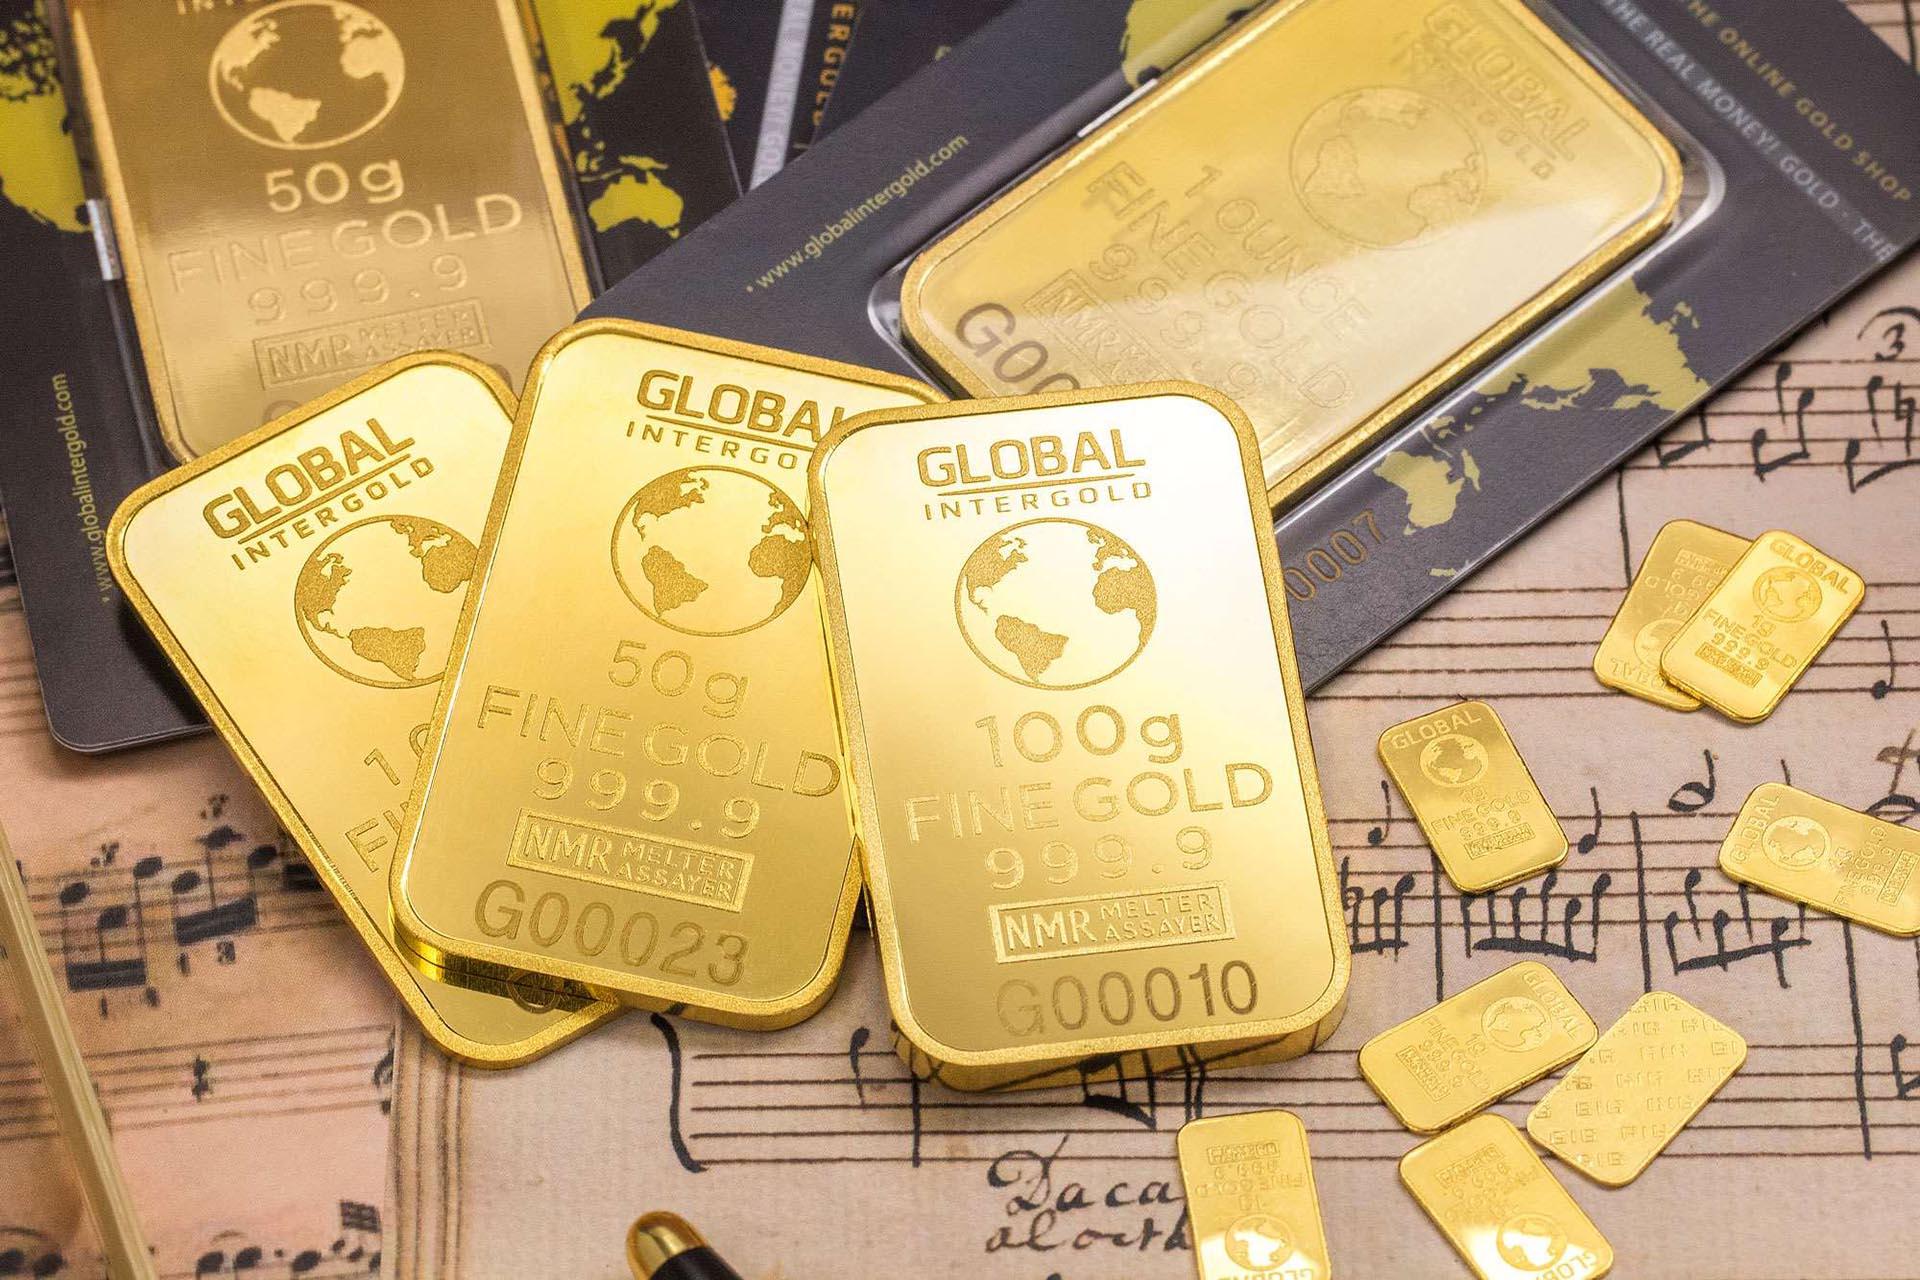 Khảo sát của Kitco Gold: Các nhà đầu tư bán lẻ rất lạc quan, chờ đợi cuộc bầu cử Mỹ